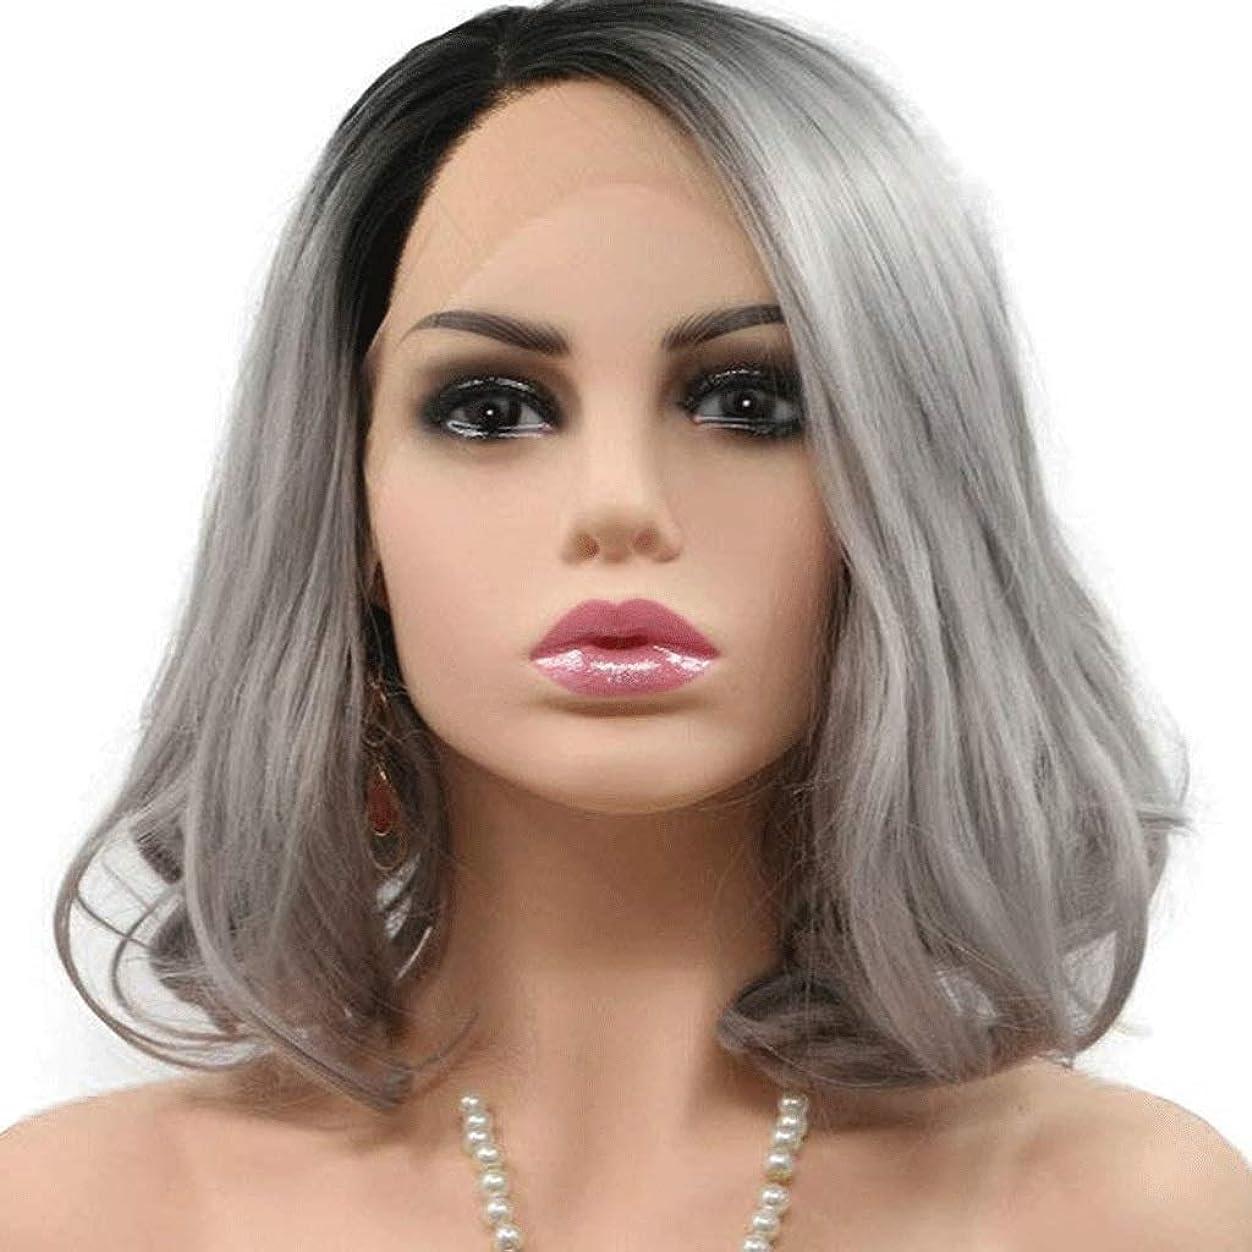 短いボブレースフロントかつら、女性オンブルブラックルーツグレーの髪、ソフト耐熱合成サイド別れ半分手縛ら14インチ (Color : Gray)